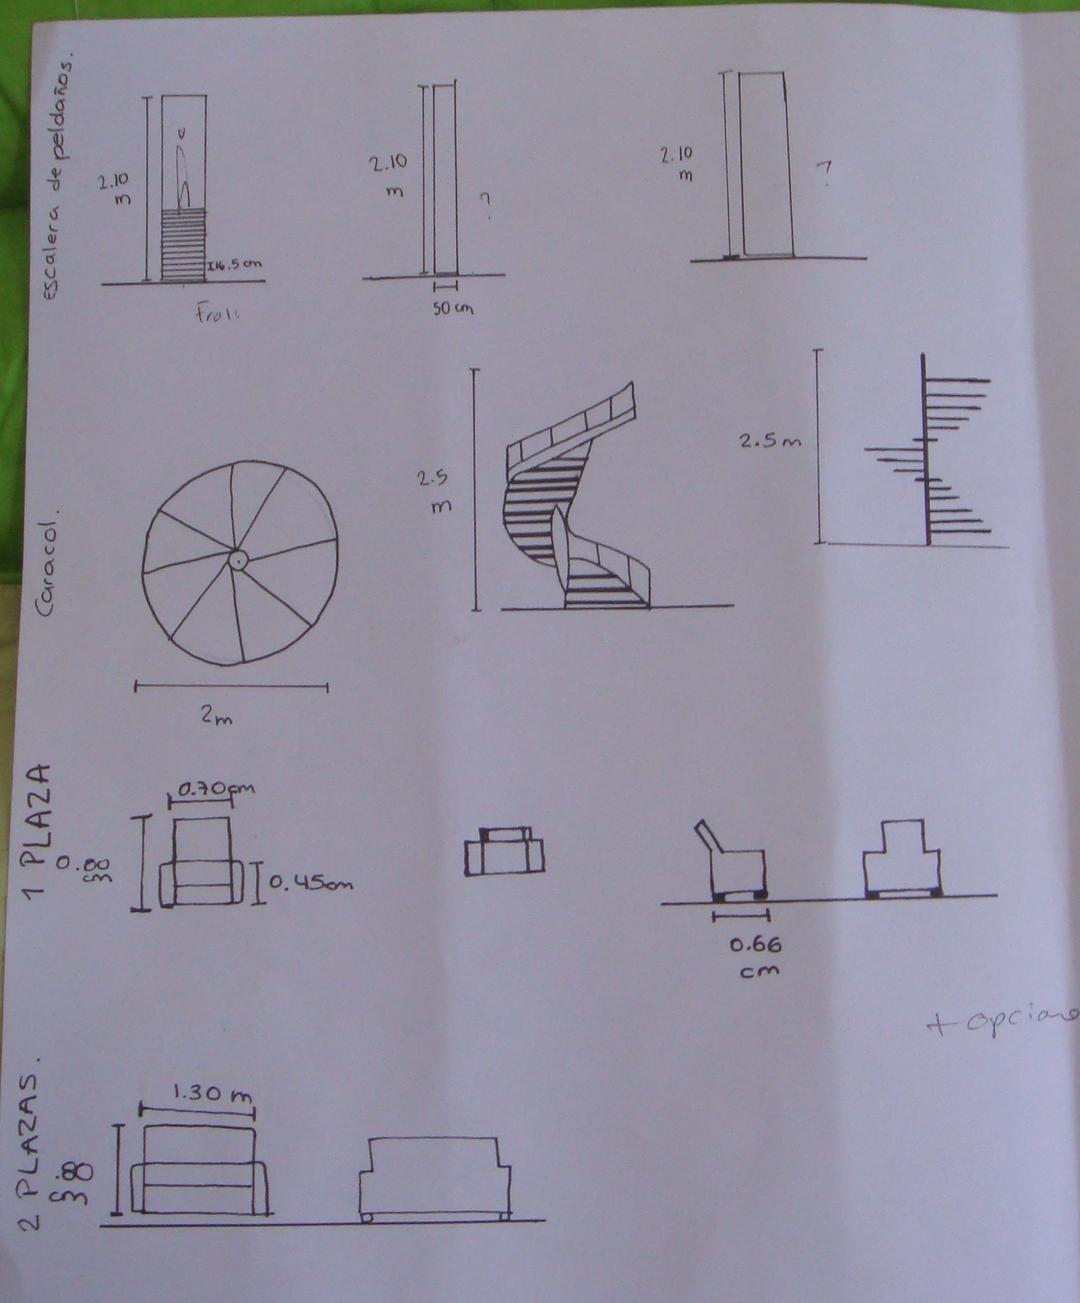 Estefaniaproyectosi estefania for Diferentes tipos de escaleras